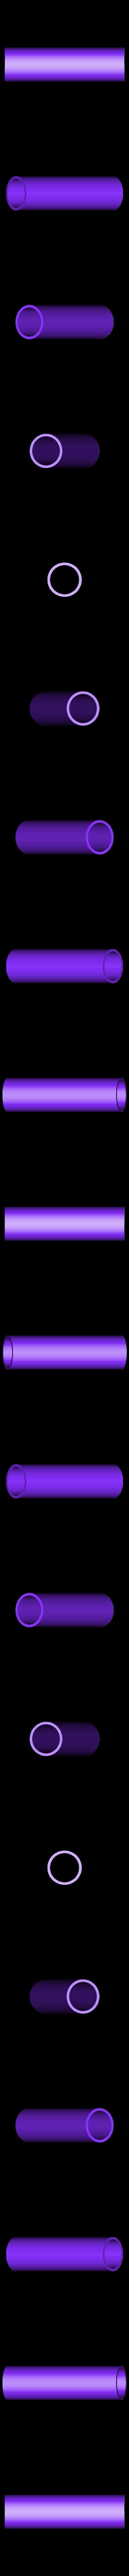 shaft-big3.stl Download free STL file FPV kit for Turnigy 9XR • 3D print model, 3dxl